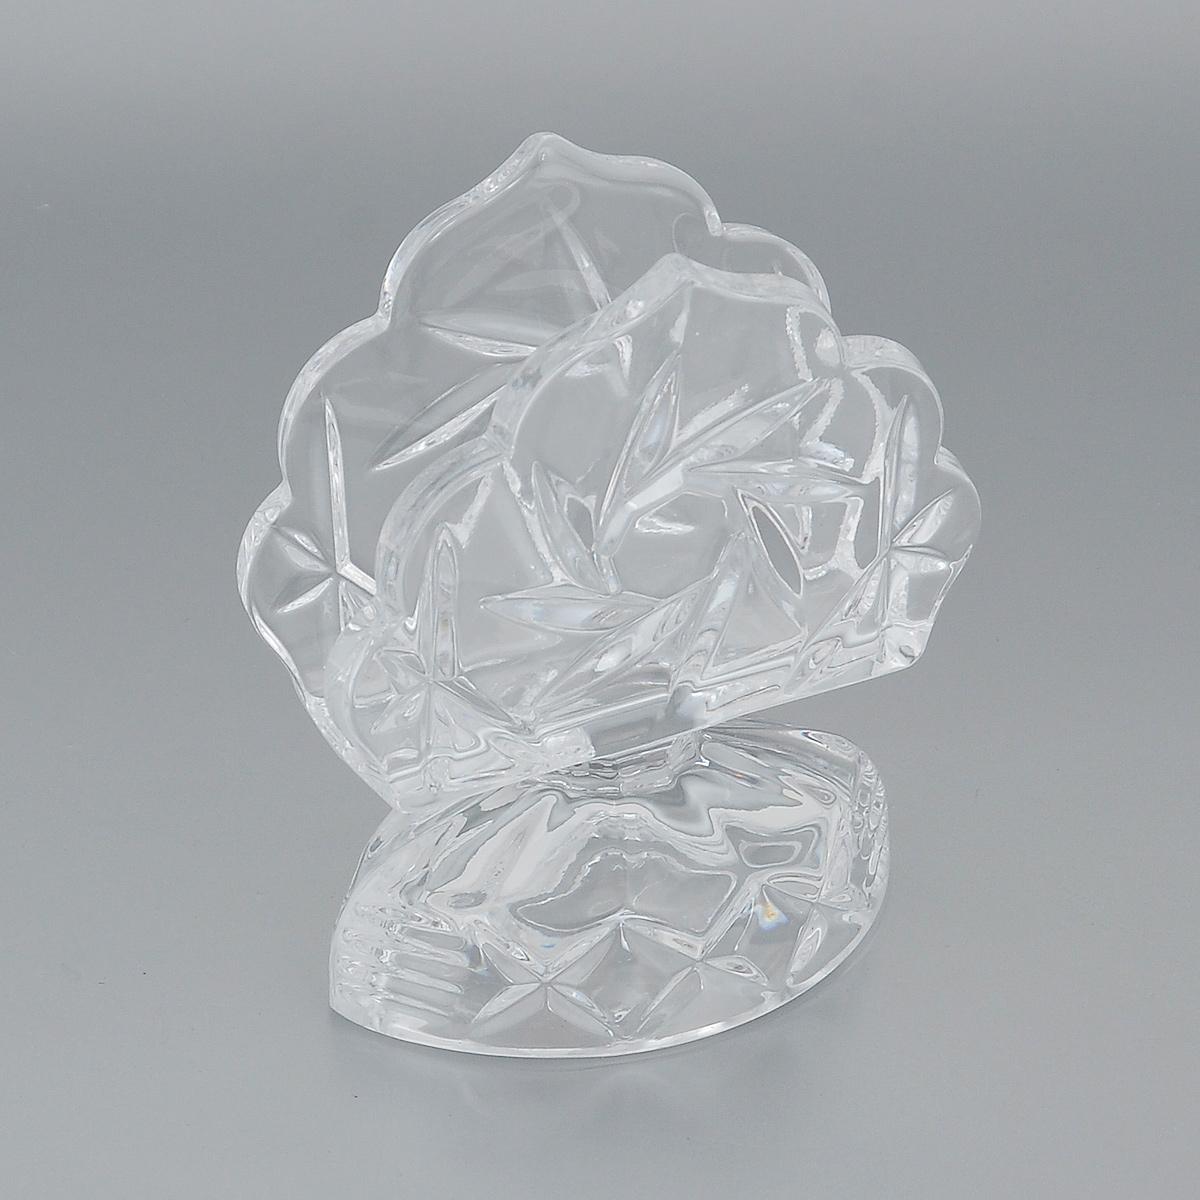 Салфетница Crystal Bohemia, 9,5 х 6 х 12,5 см115510Салфетница Crystal Bohemia изготовлена из высококачественного хрусталя и декорирована рельефом. Она сочетает в себе изысканный дизайн и лаконичность и прекрасно подойдет для декора интерьера дома. Кроме того - это отличный вариант подарка для ваших близких и друзей.